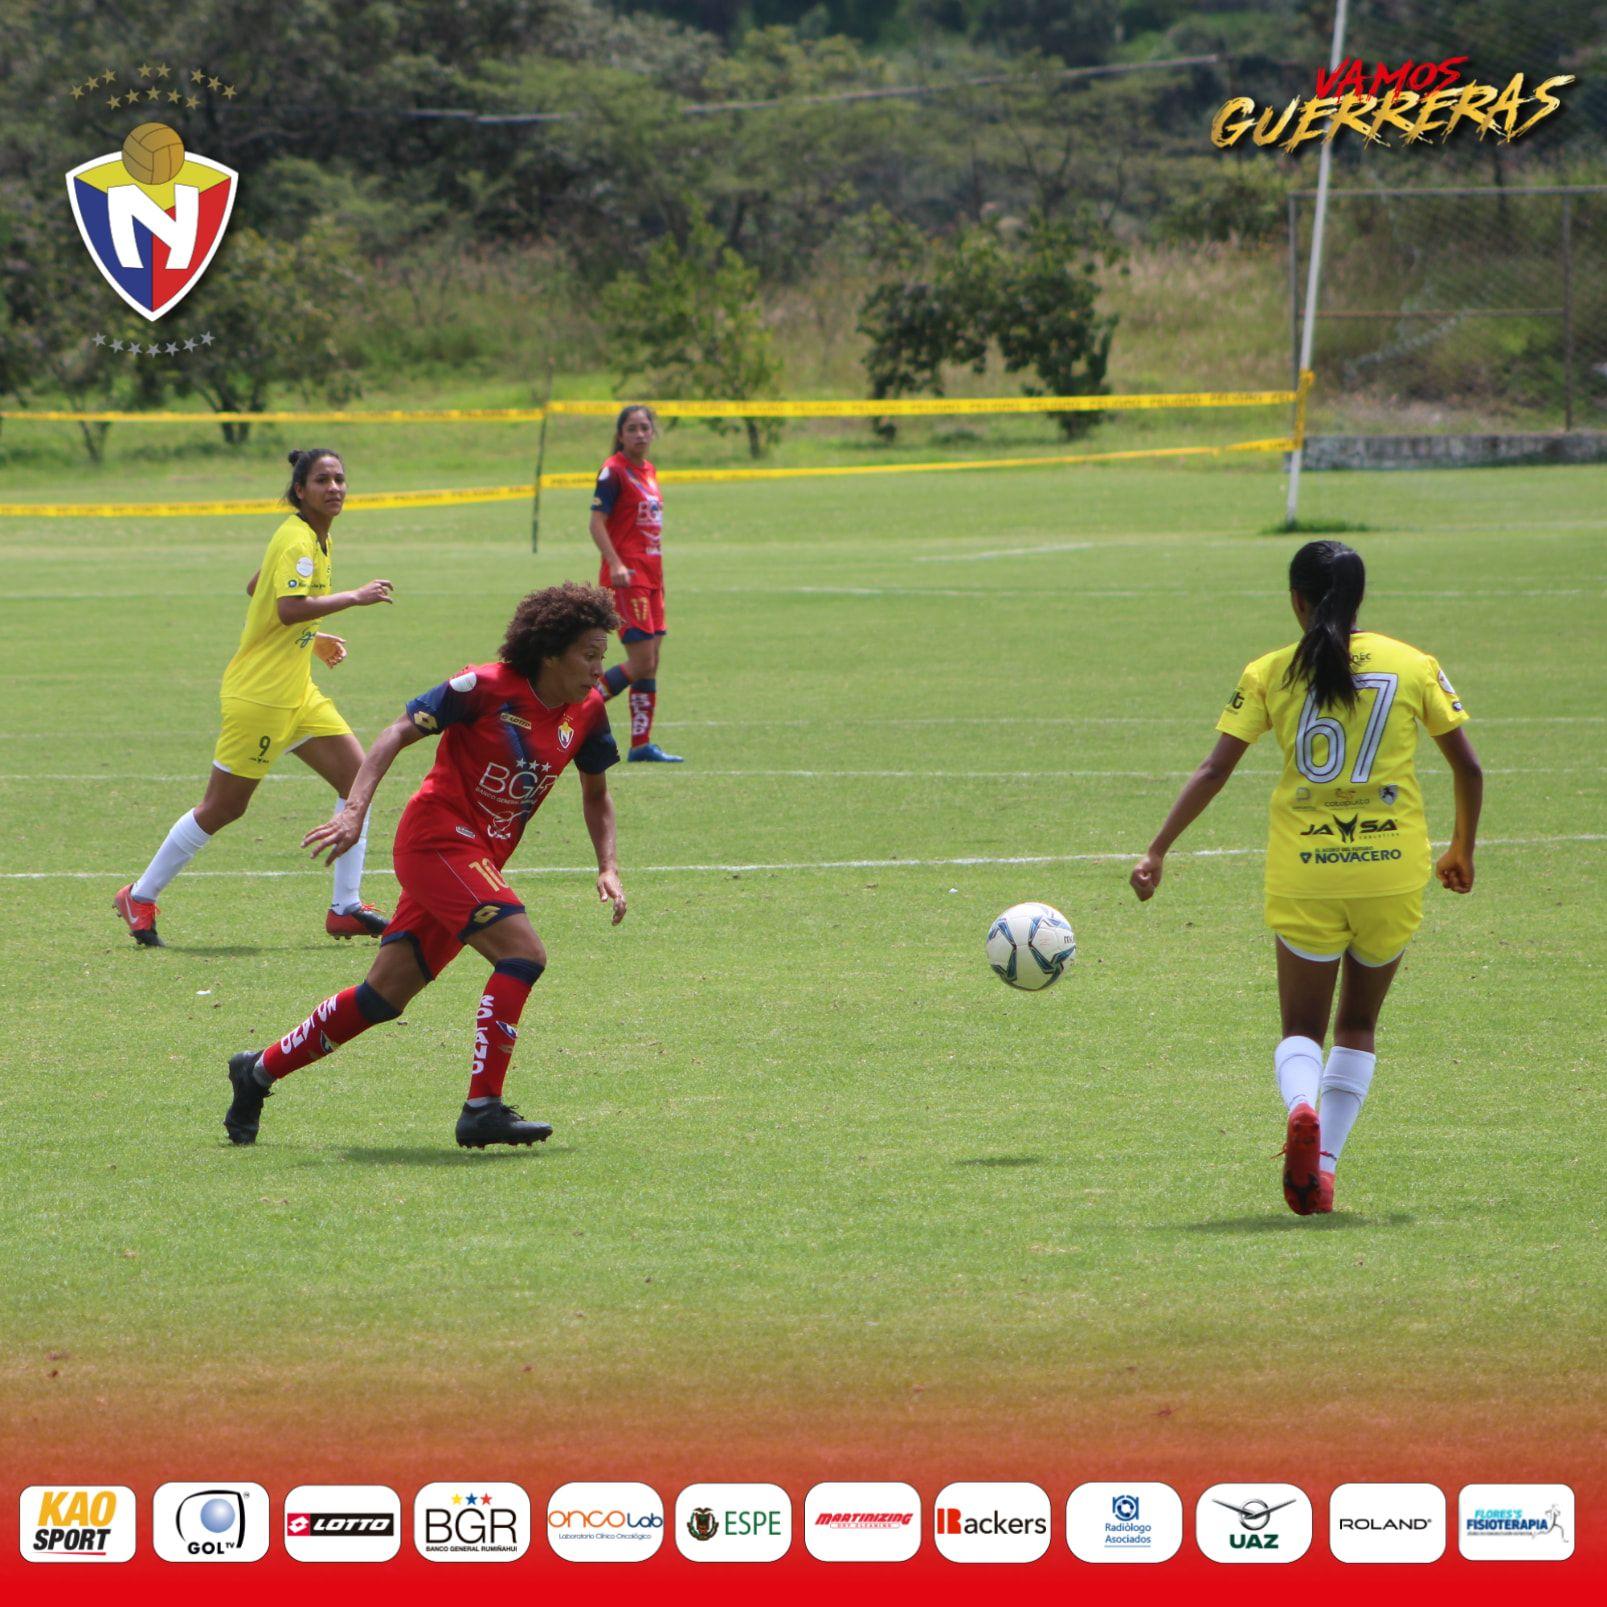 El Nacional 2-3 ESPUCE